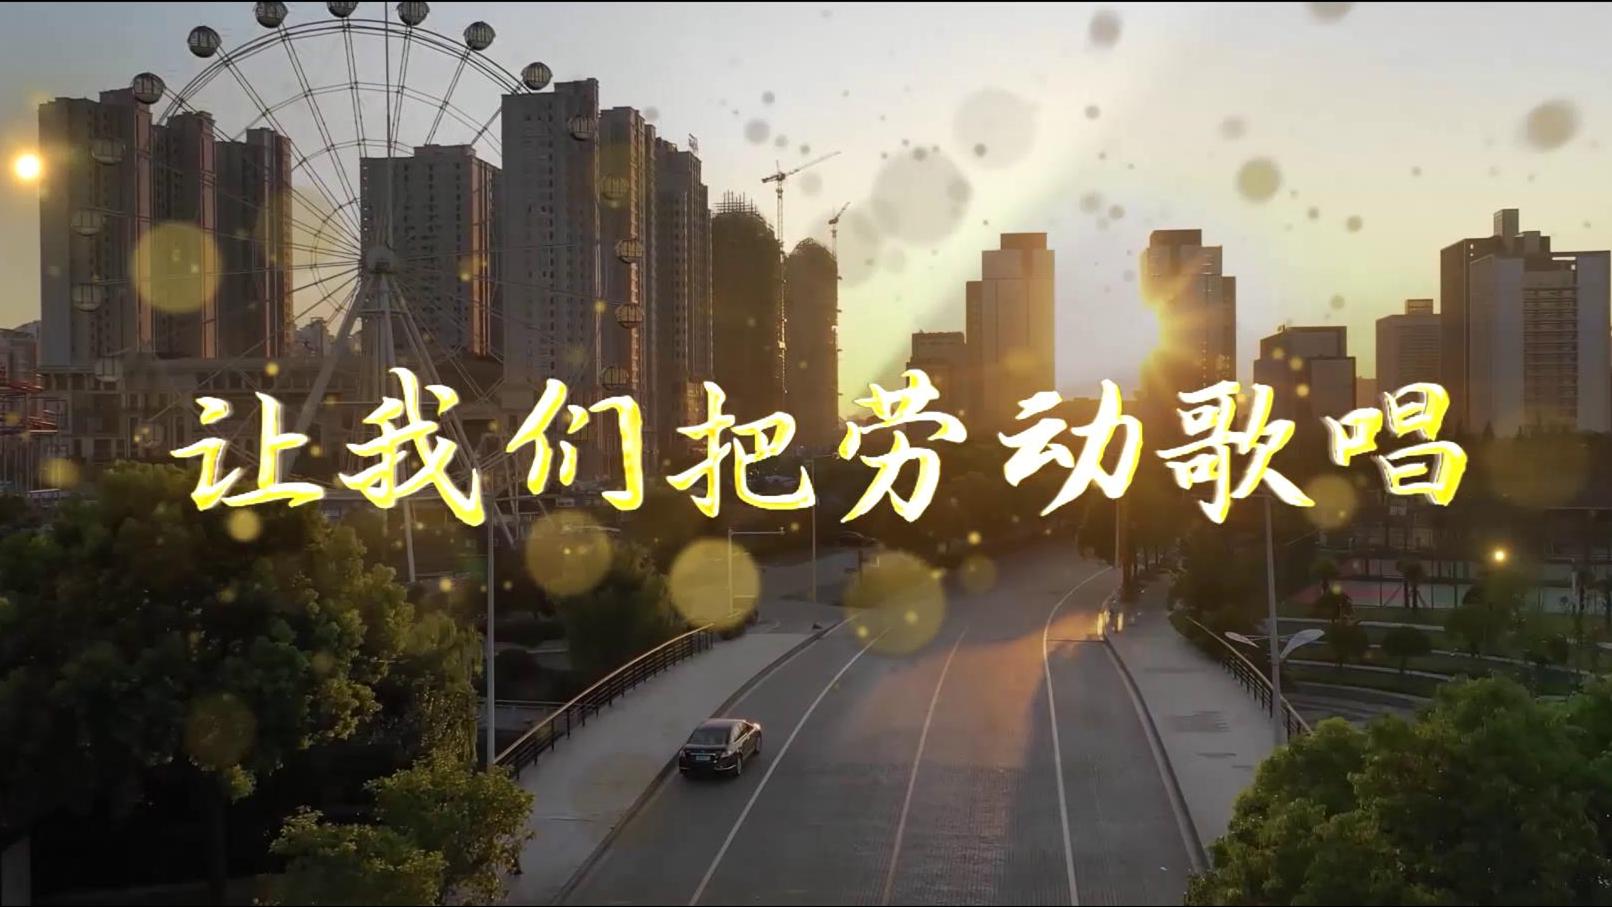 江蘇揚州:《讓我們把勞動把歌唱》mv[封面圖].jpg